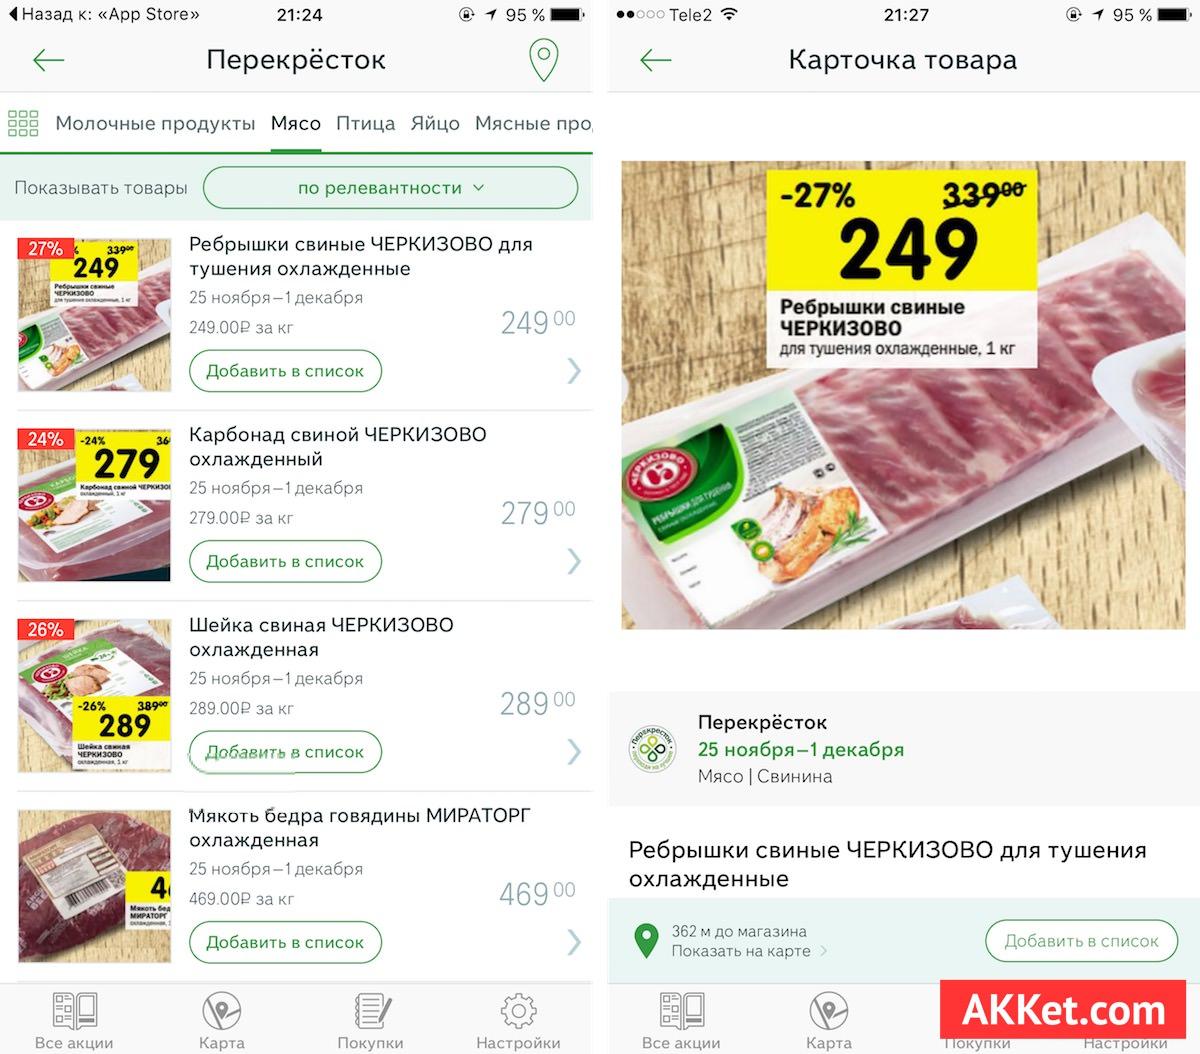 Едадил Россия iOS iPhone iPod TOuch обзор продукты скидки акции 1